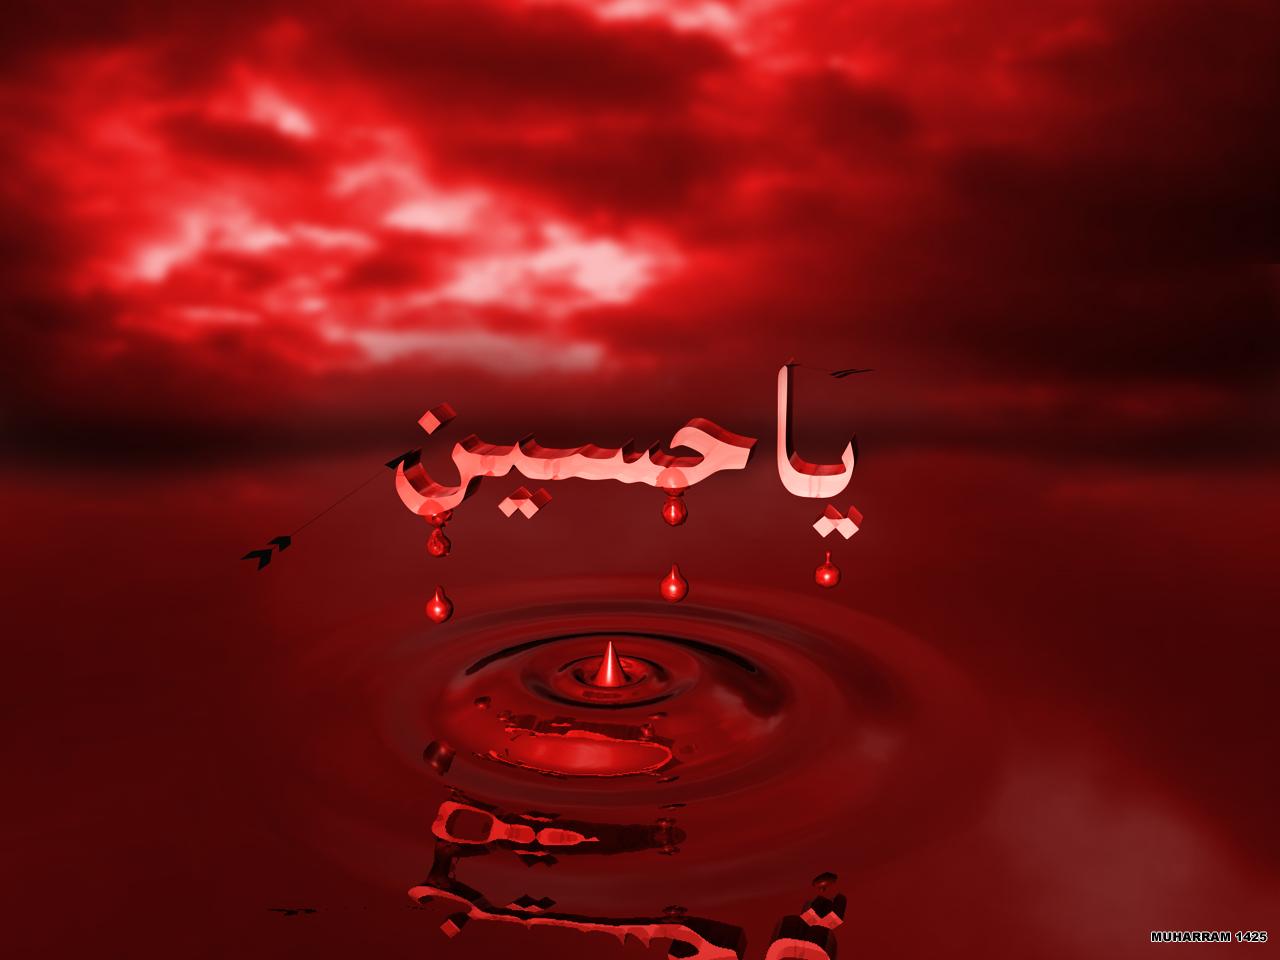 Картинки с надписью хусейн